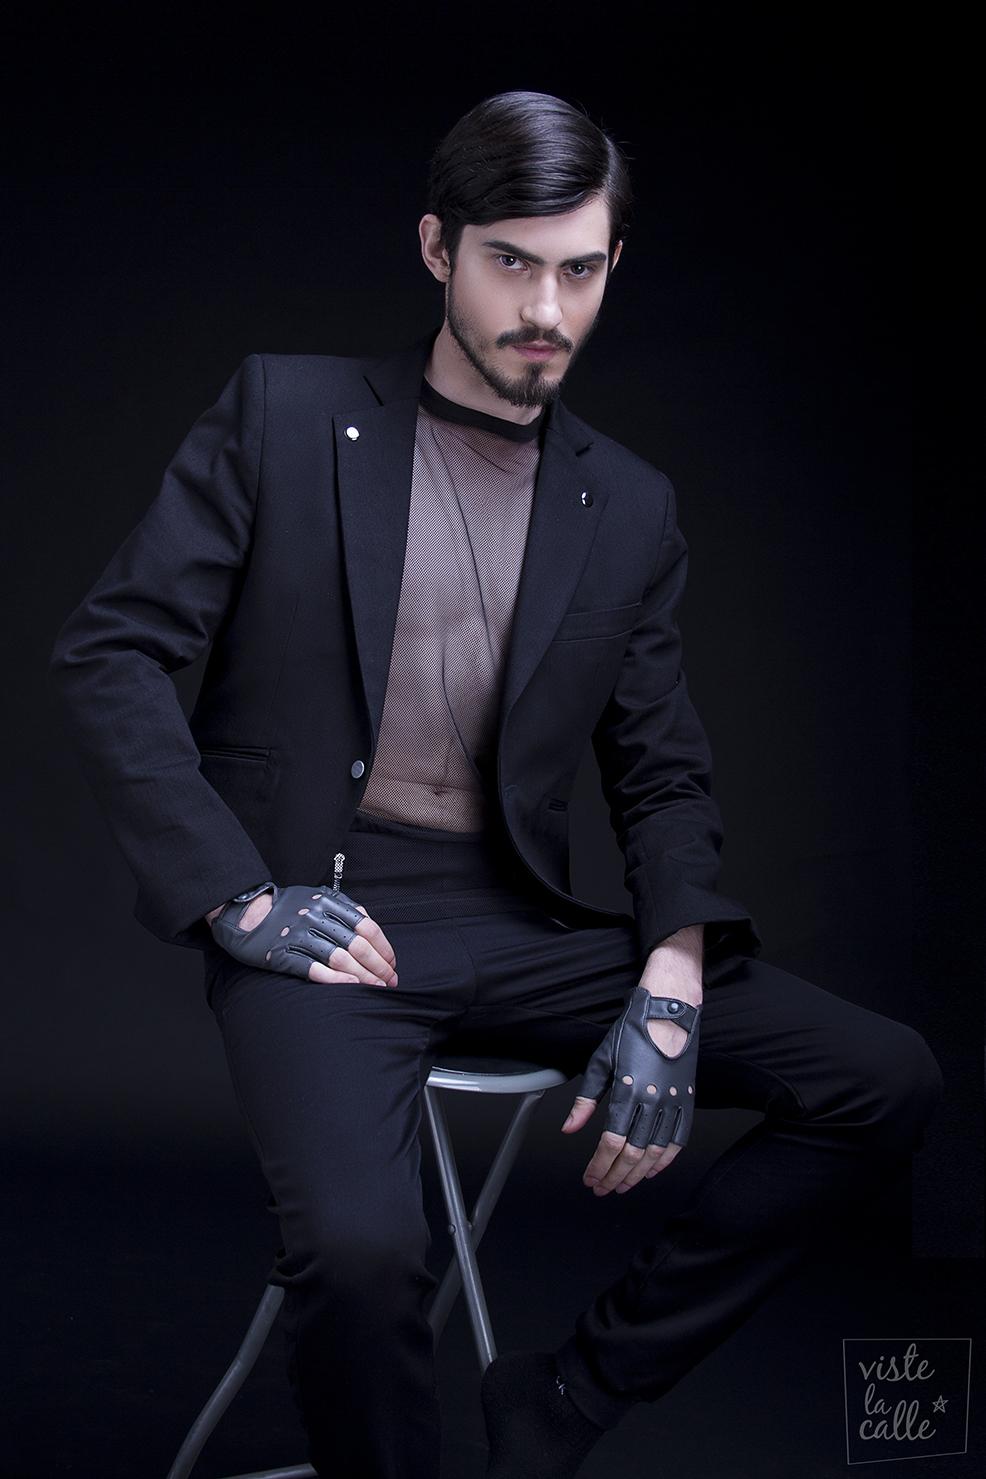 """Entrevista a Yoshiaki Hayashi, el modelo chileno más exitoso en el extranjero: """"Acá existe el estereotipo del modelo musculoso, tipo Pato Laguna (…) El mercado debería ser más abierto, porque hay lugar para todo"""""""